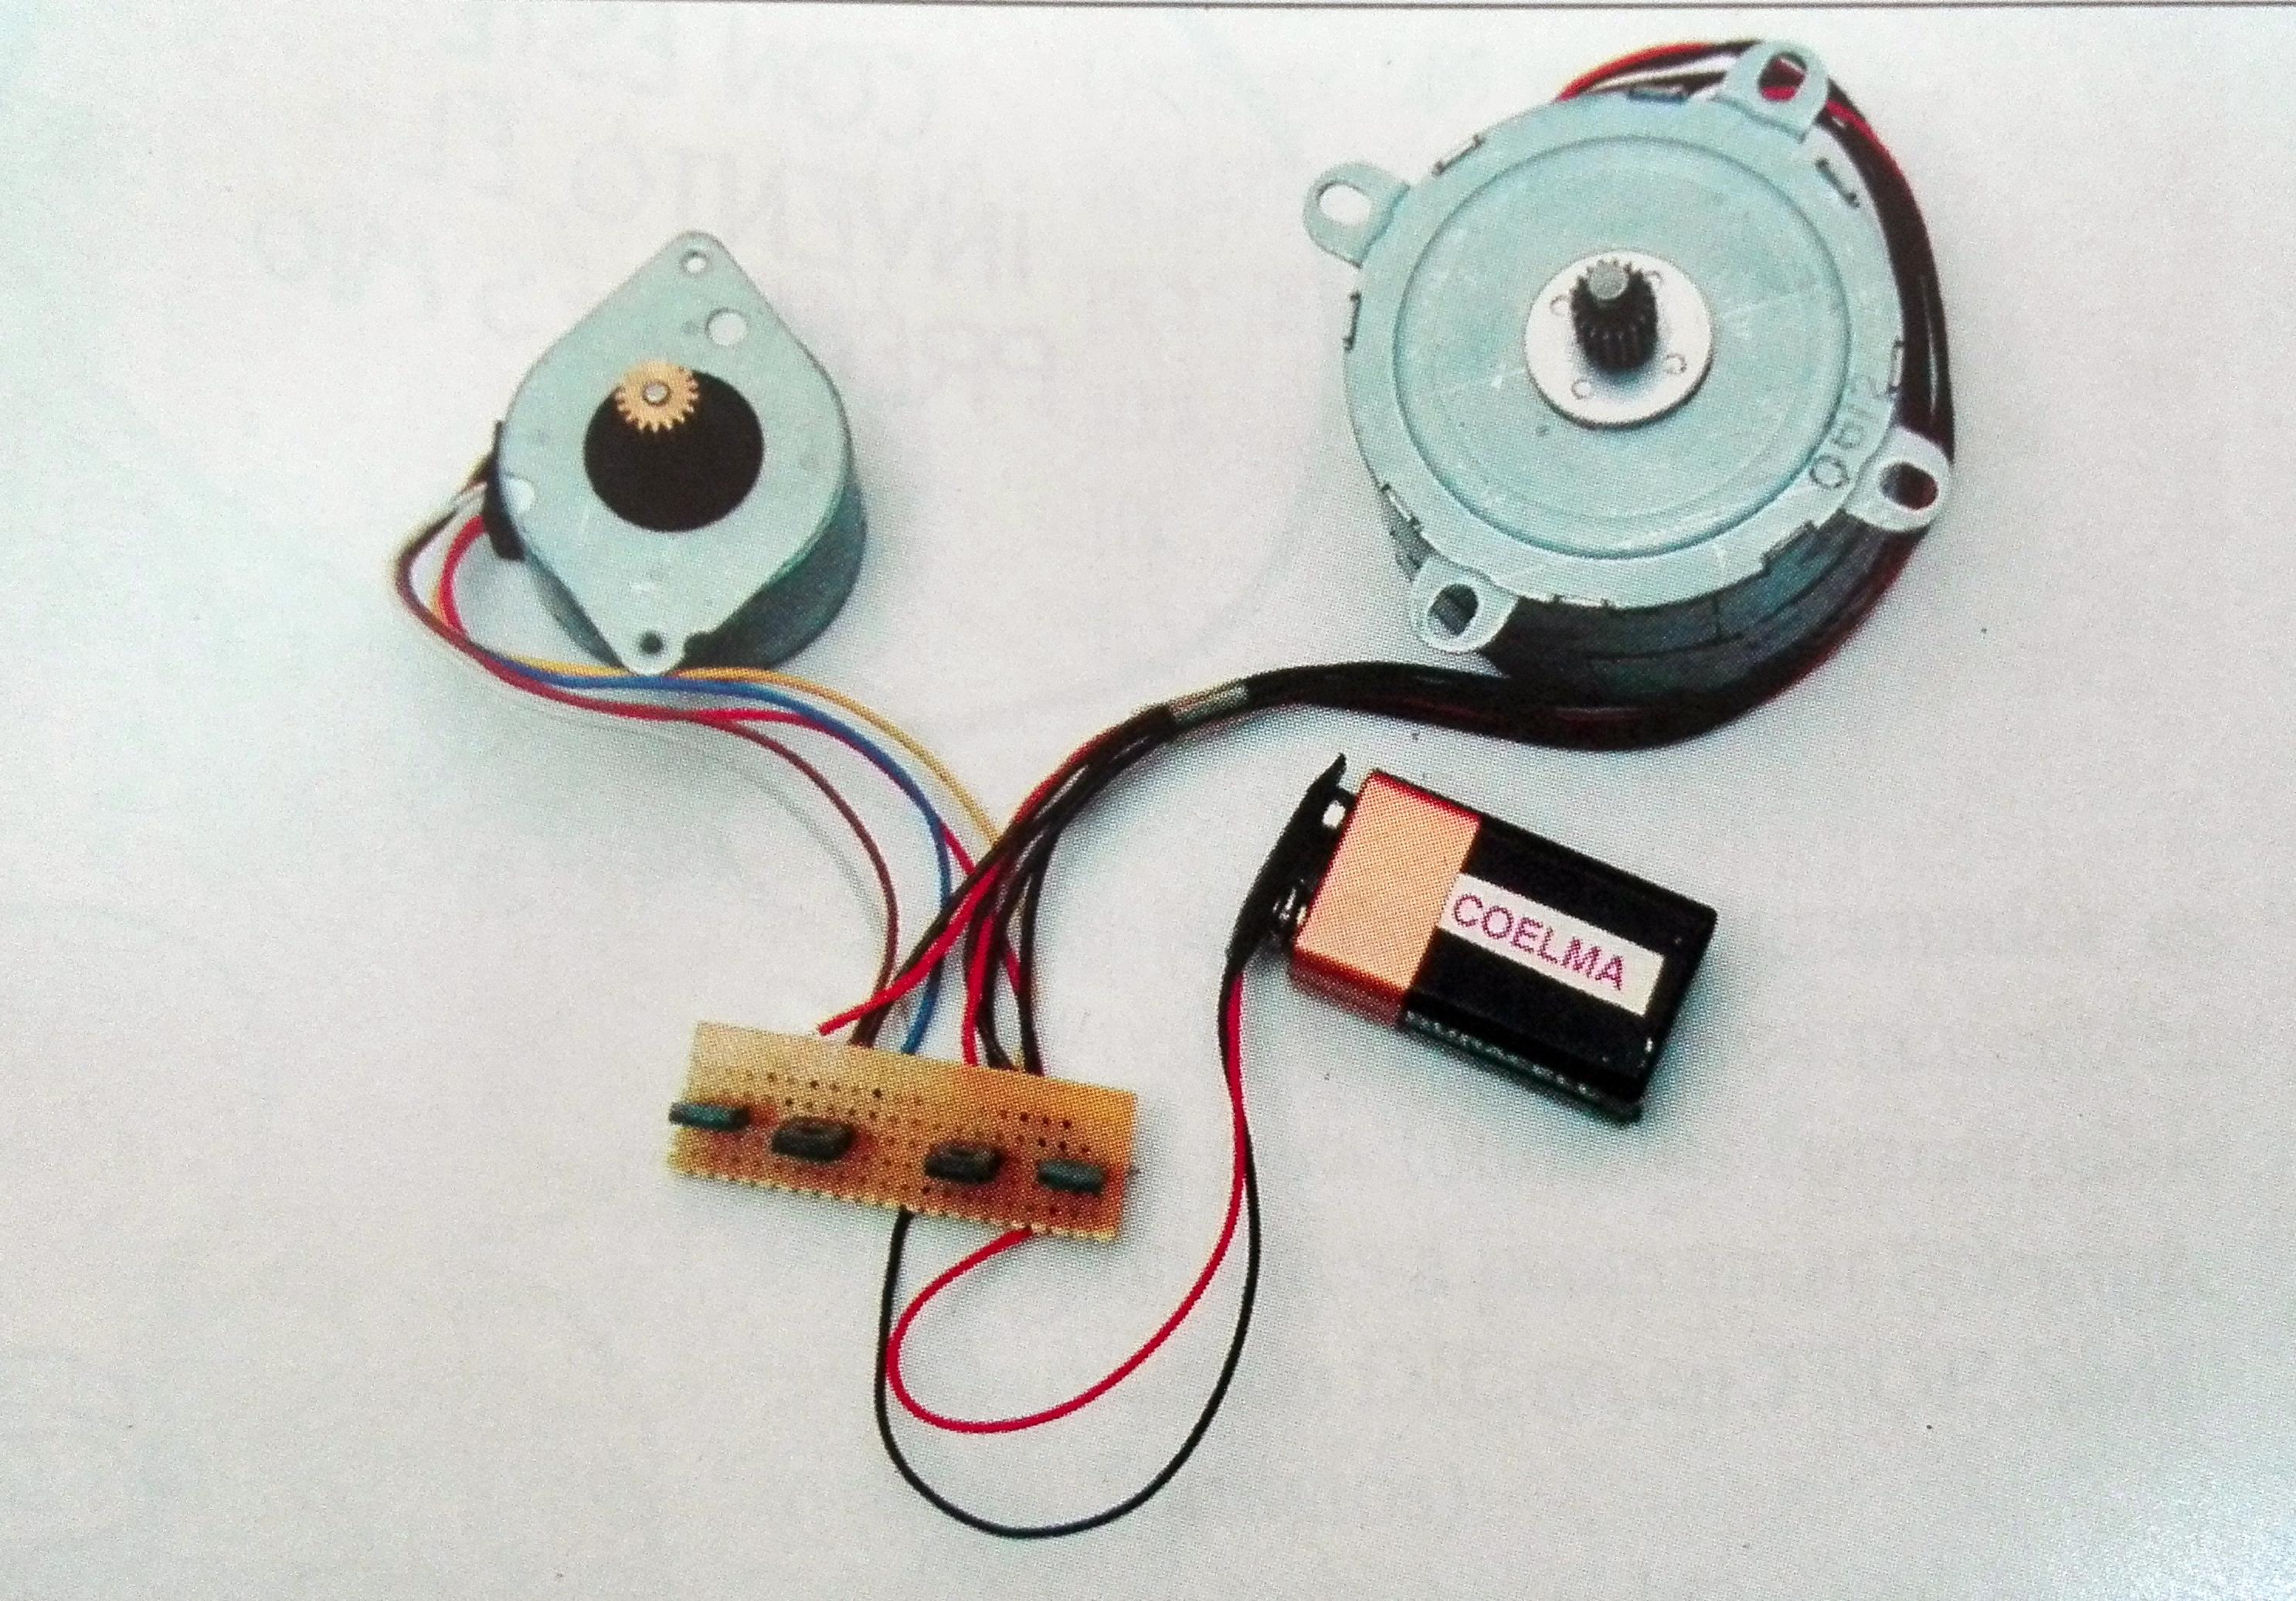 componentes electrónicos en todoelectronica